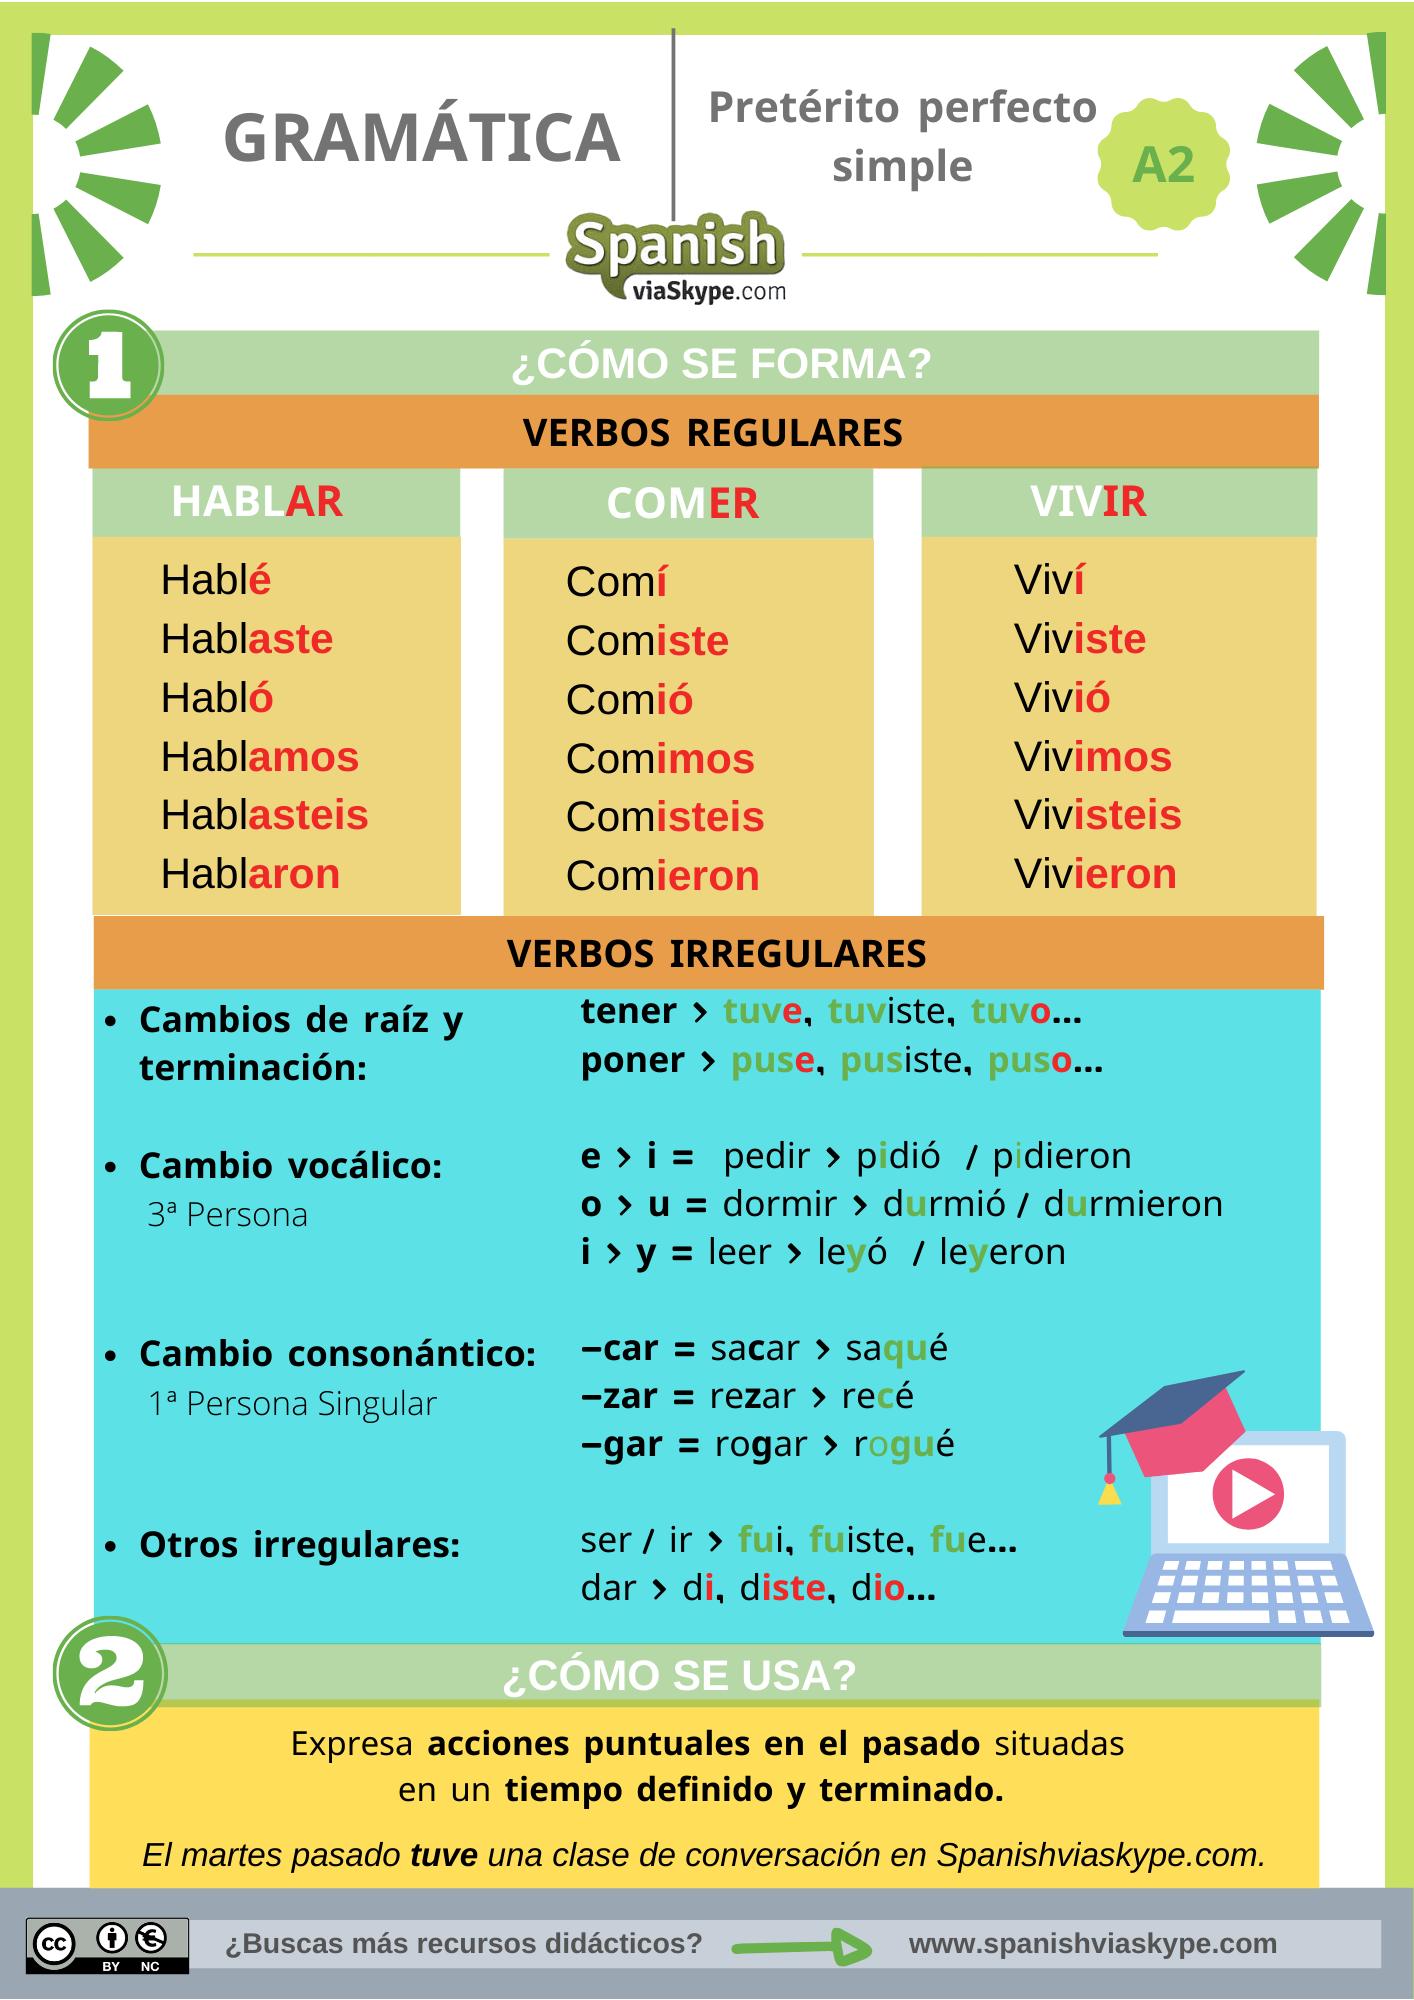 Infografía sobre el pretérito perfecto simple en español